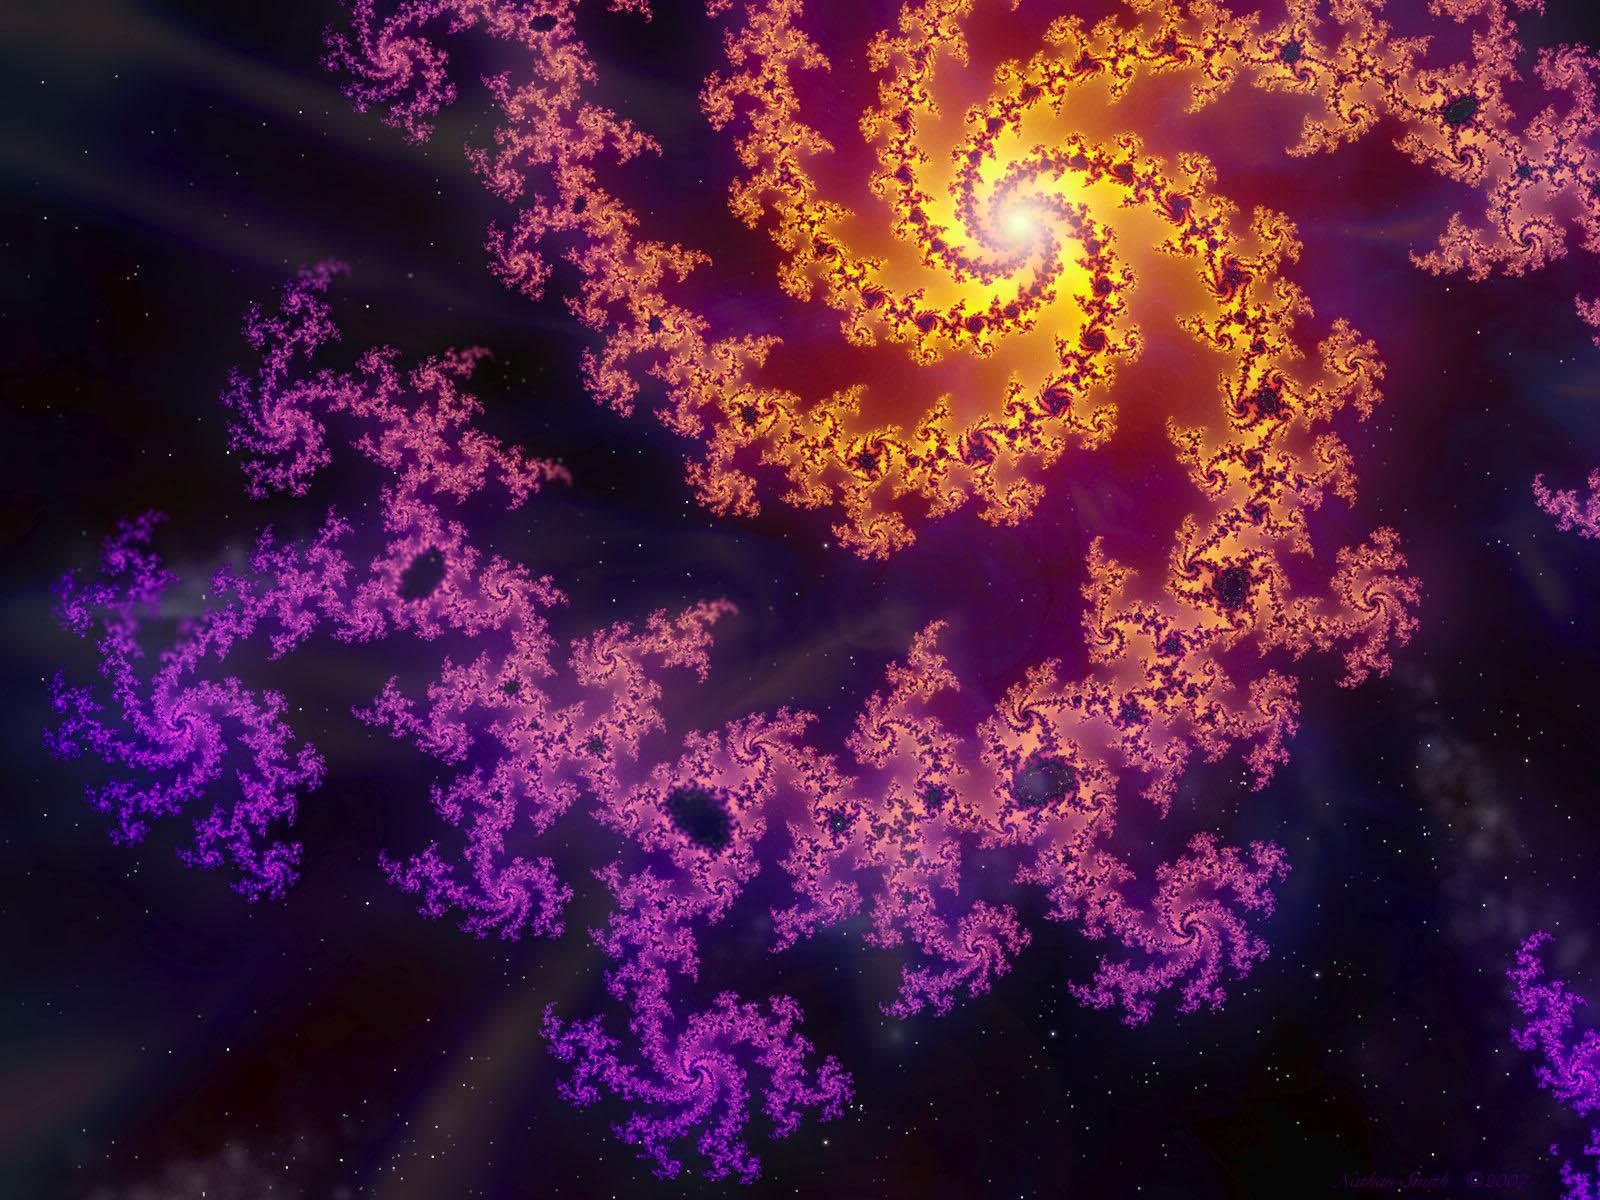 fractal art wallpapers desktop wallpaper